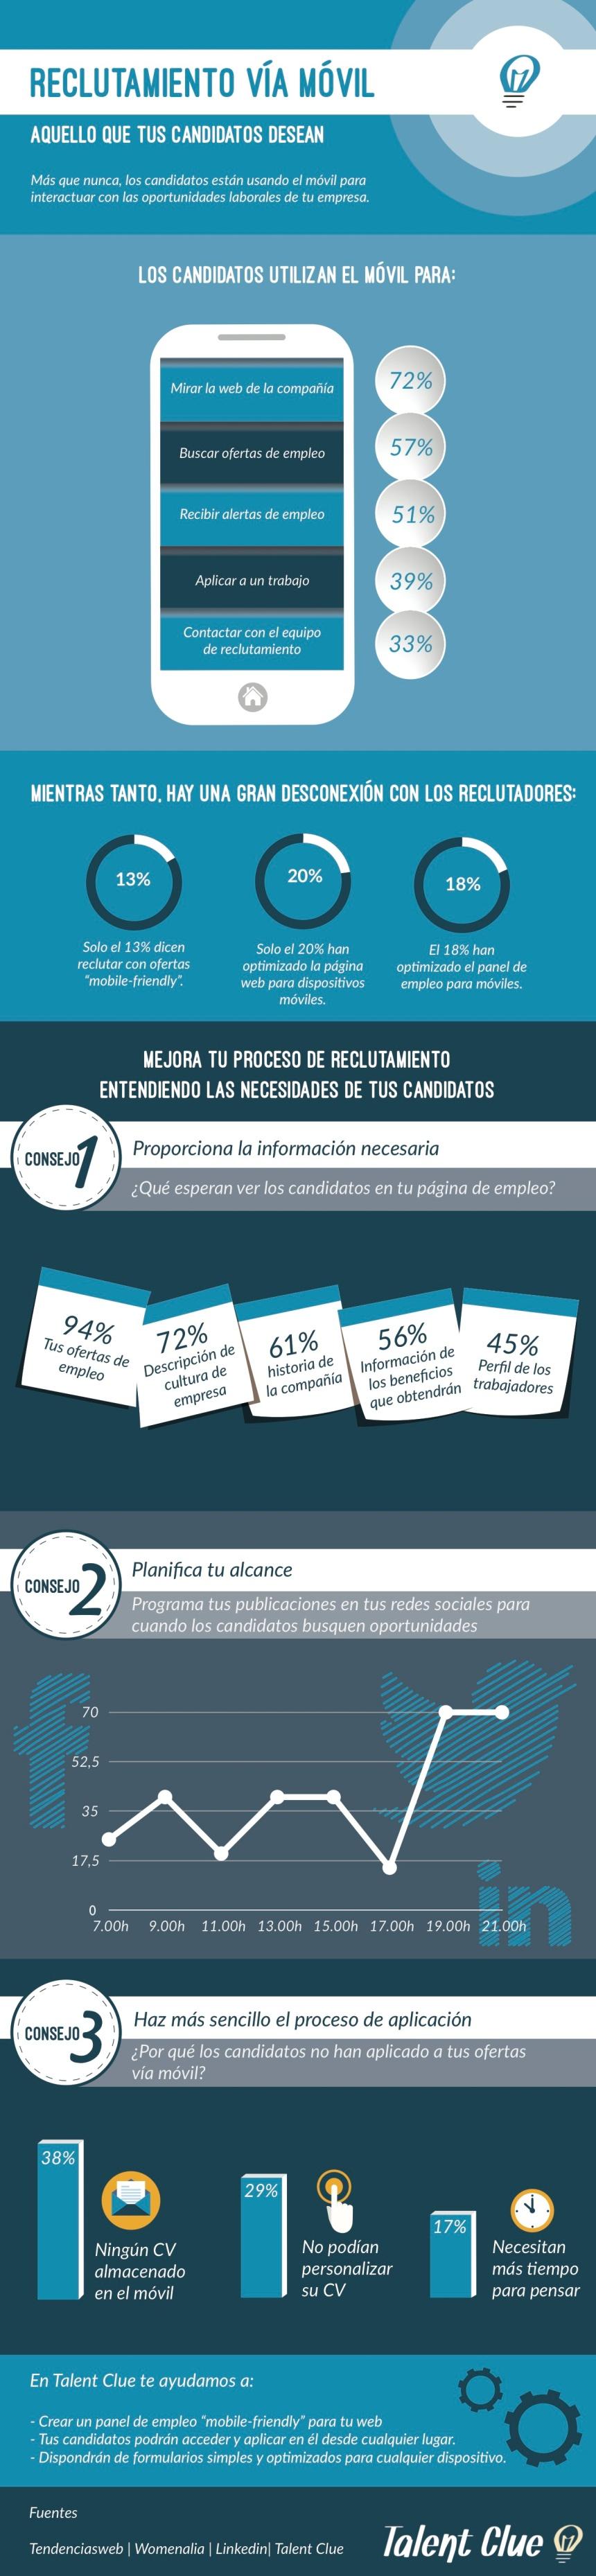 Reclutamiento vía móvil: lo que quieren los candidatos